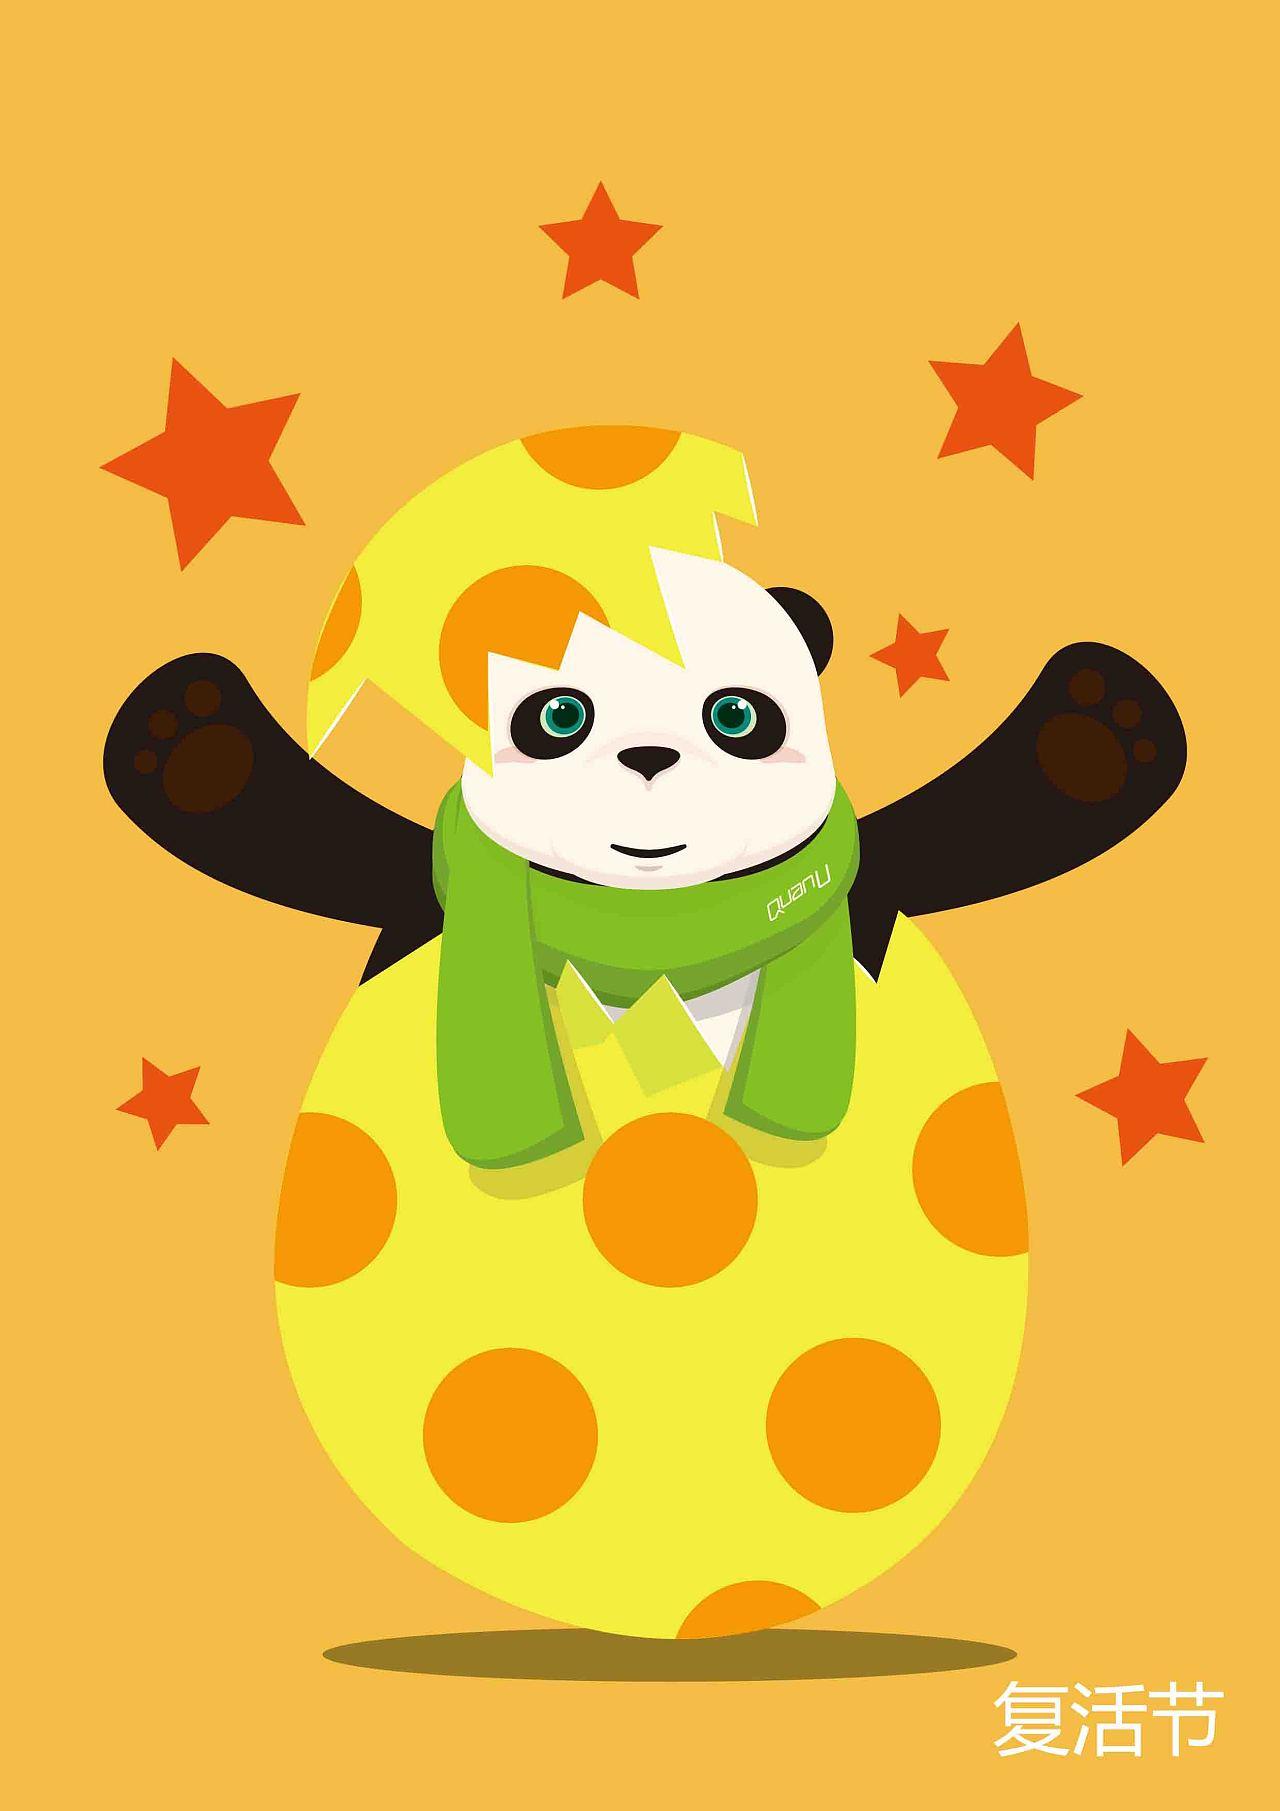 熊猫拼贴画豆子